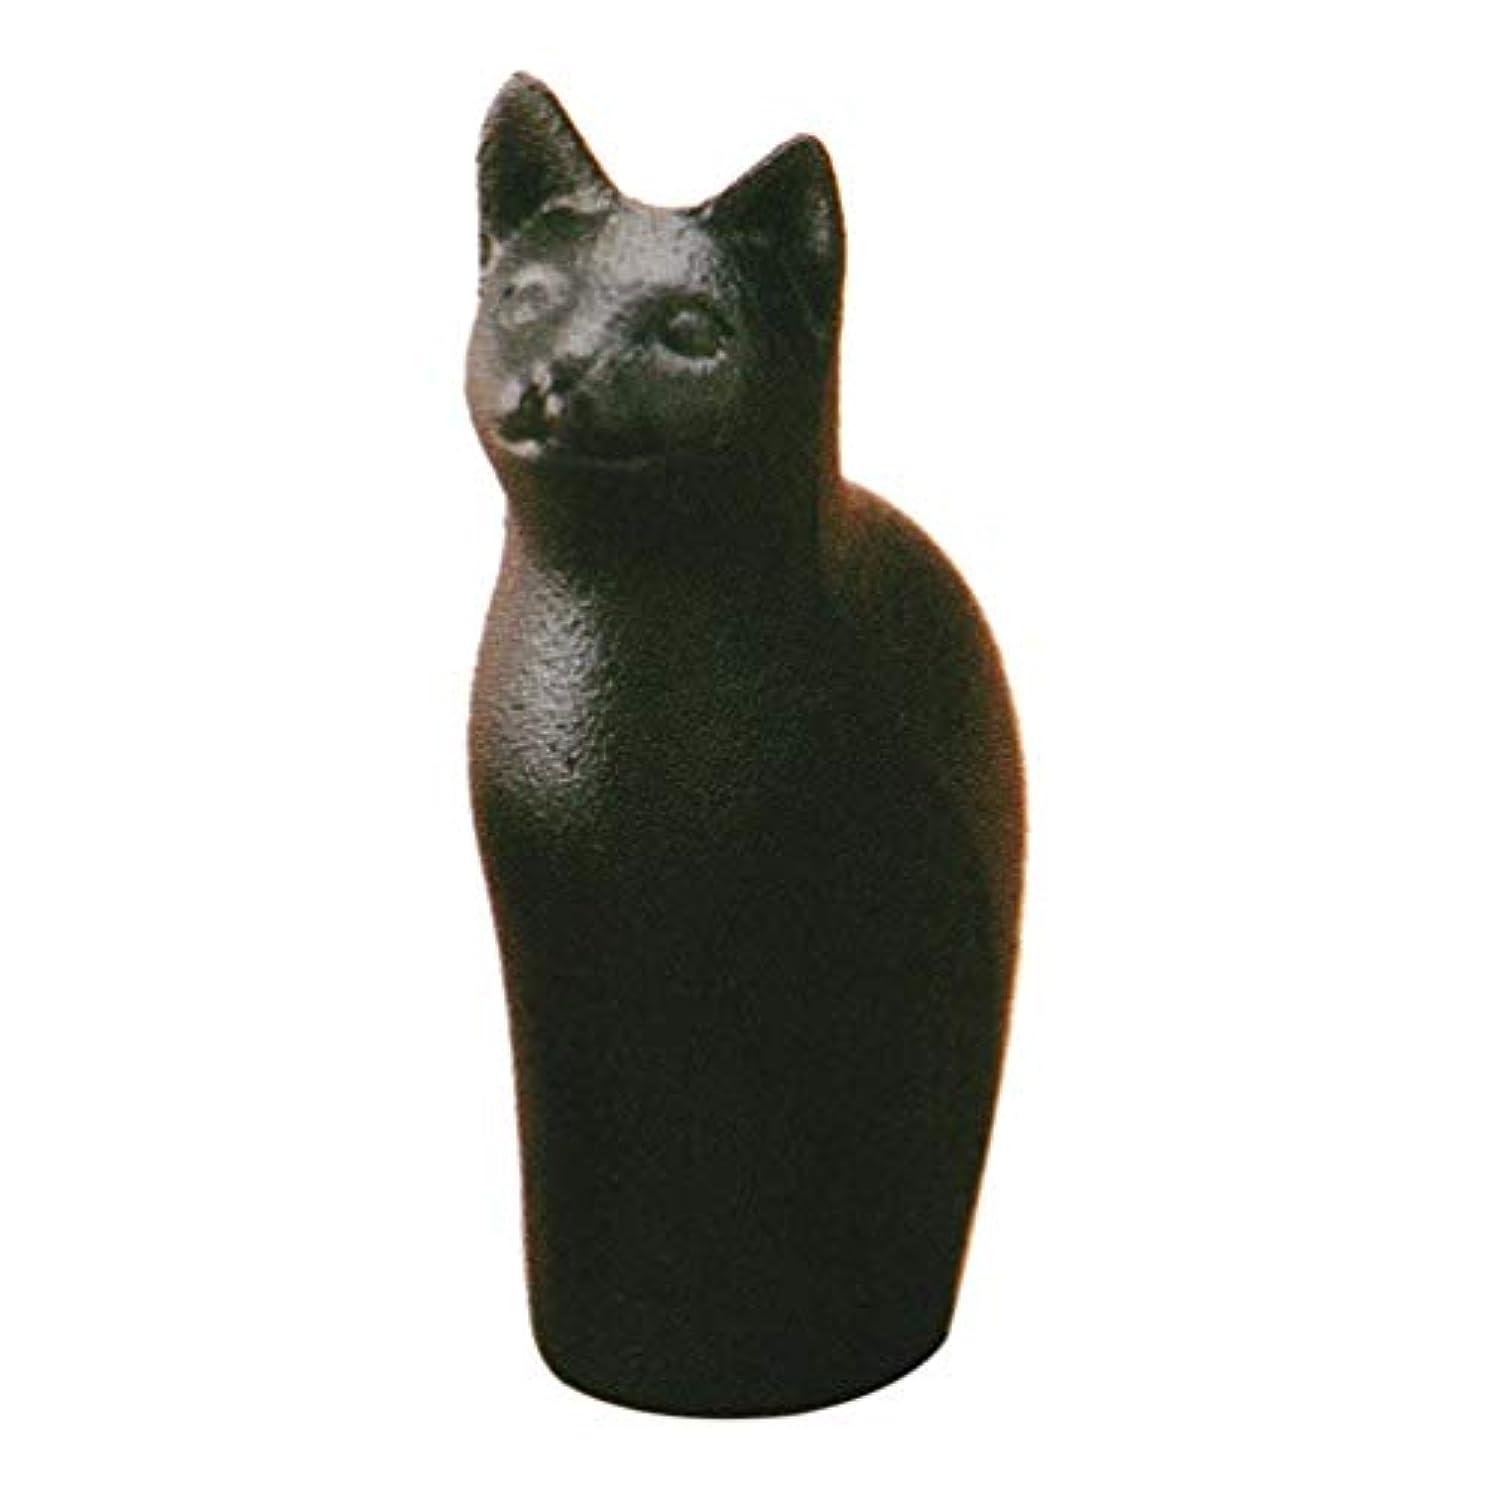 ピュースクラップブックビジネス岩鋳(Iwachu) 黒 3.5×6×(H)8.5cm 南部鉄器 文鎮 すましネコ 30502